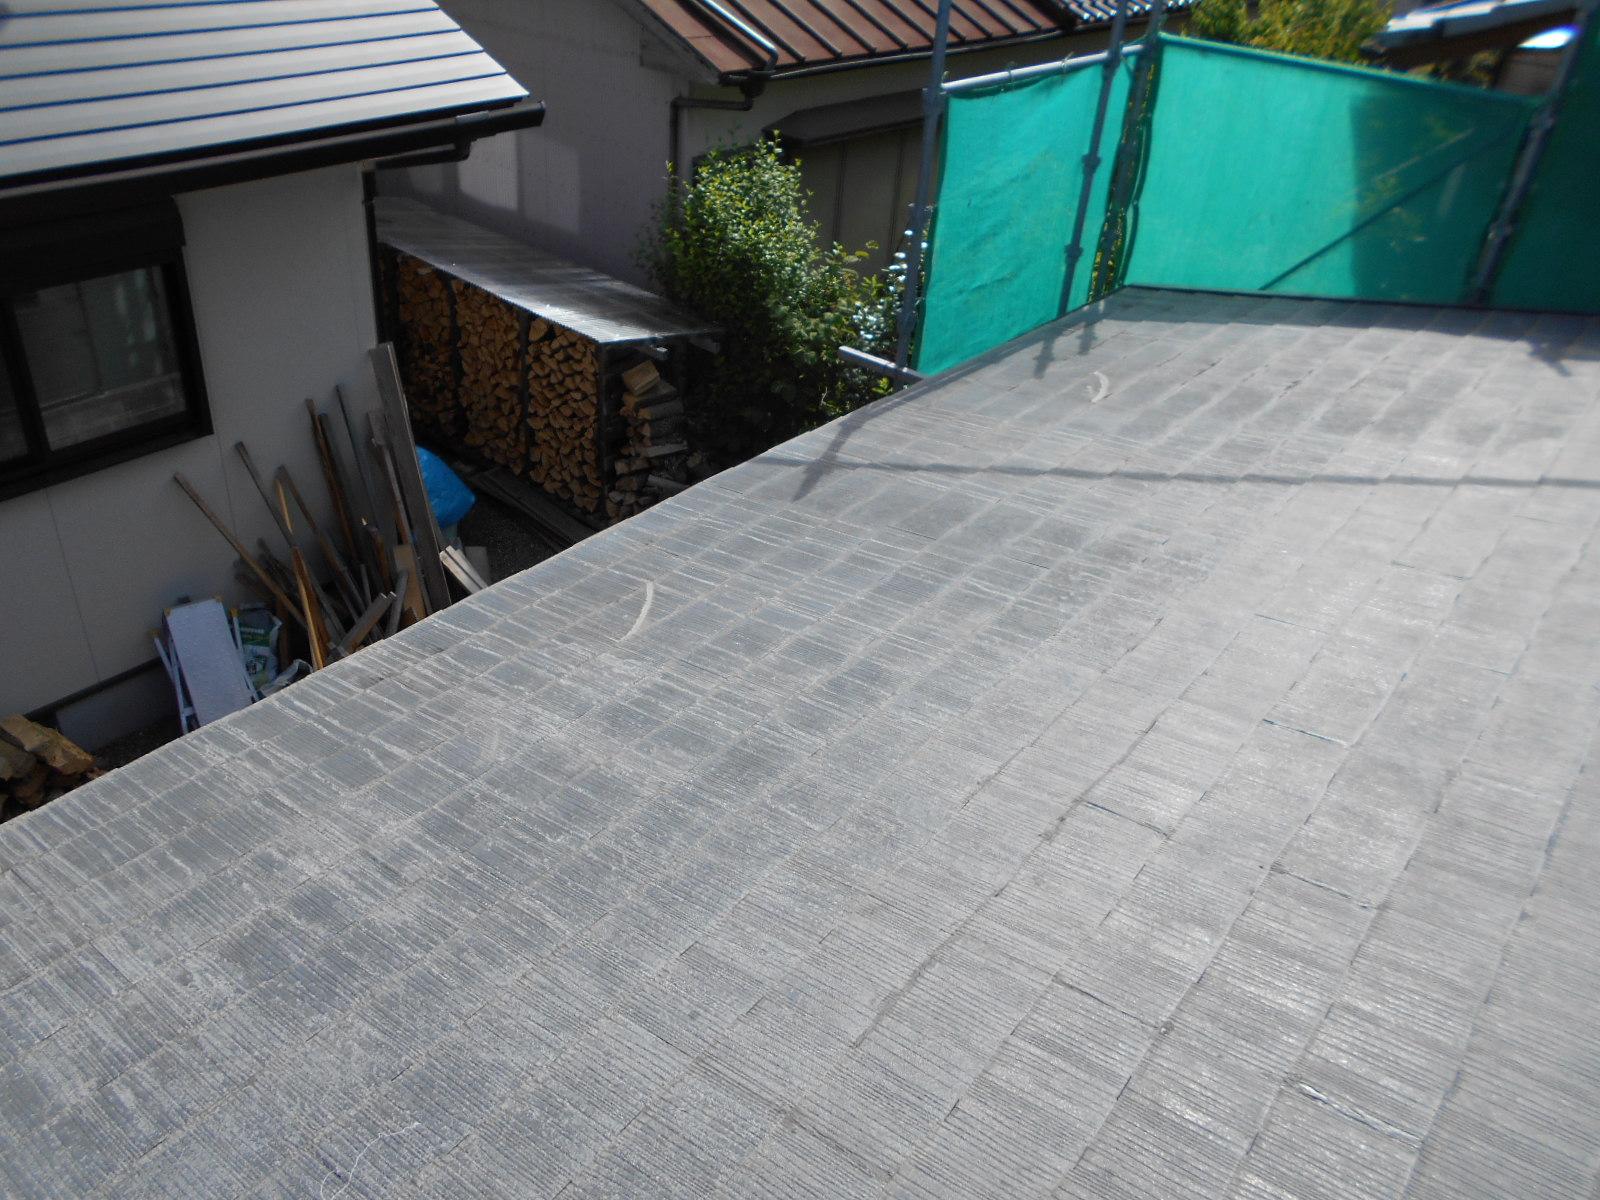 雨漏り修理・屋根修理 津市でカバー工法